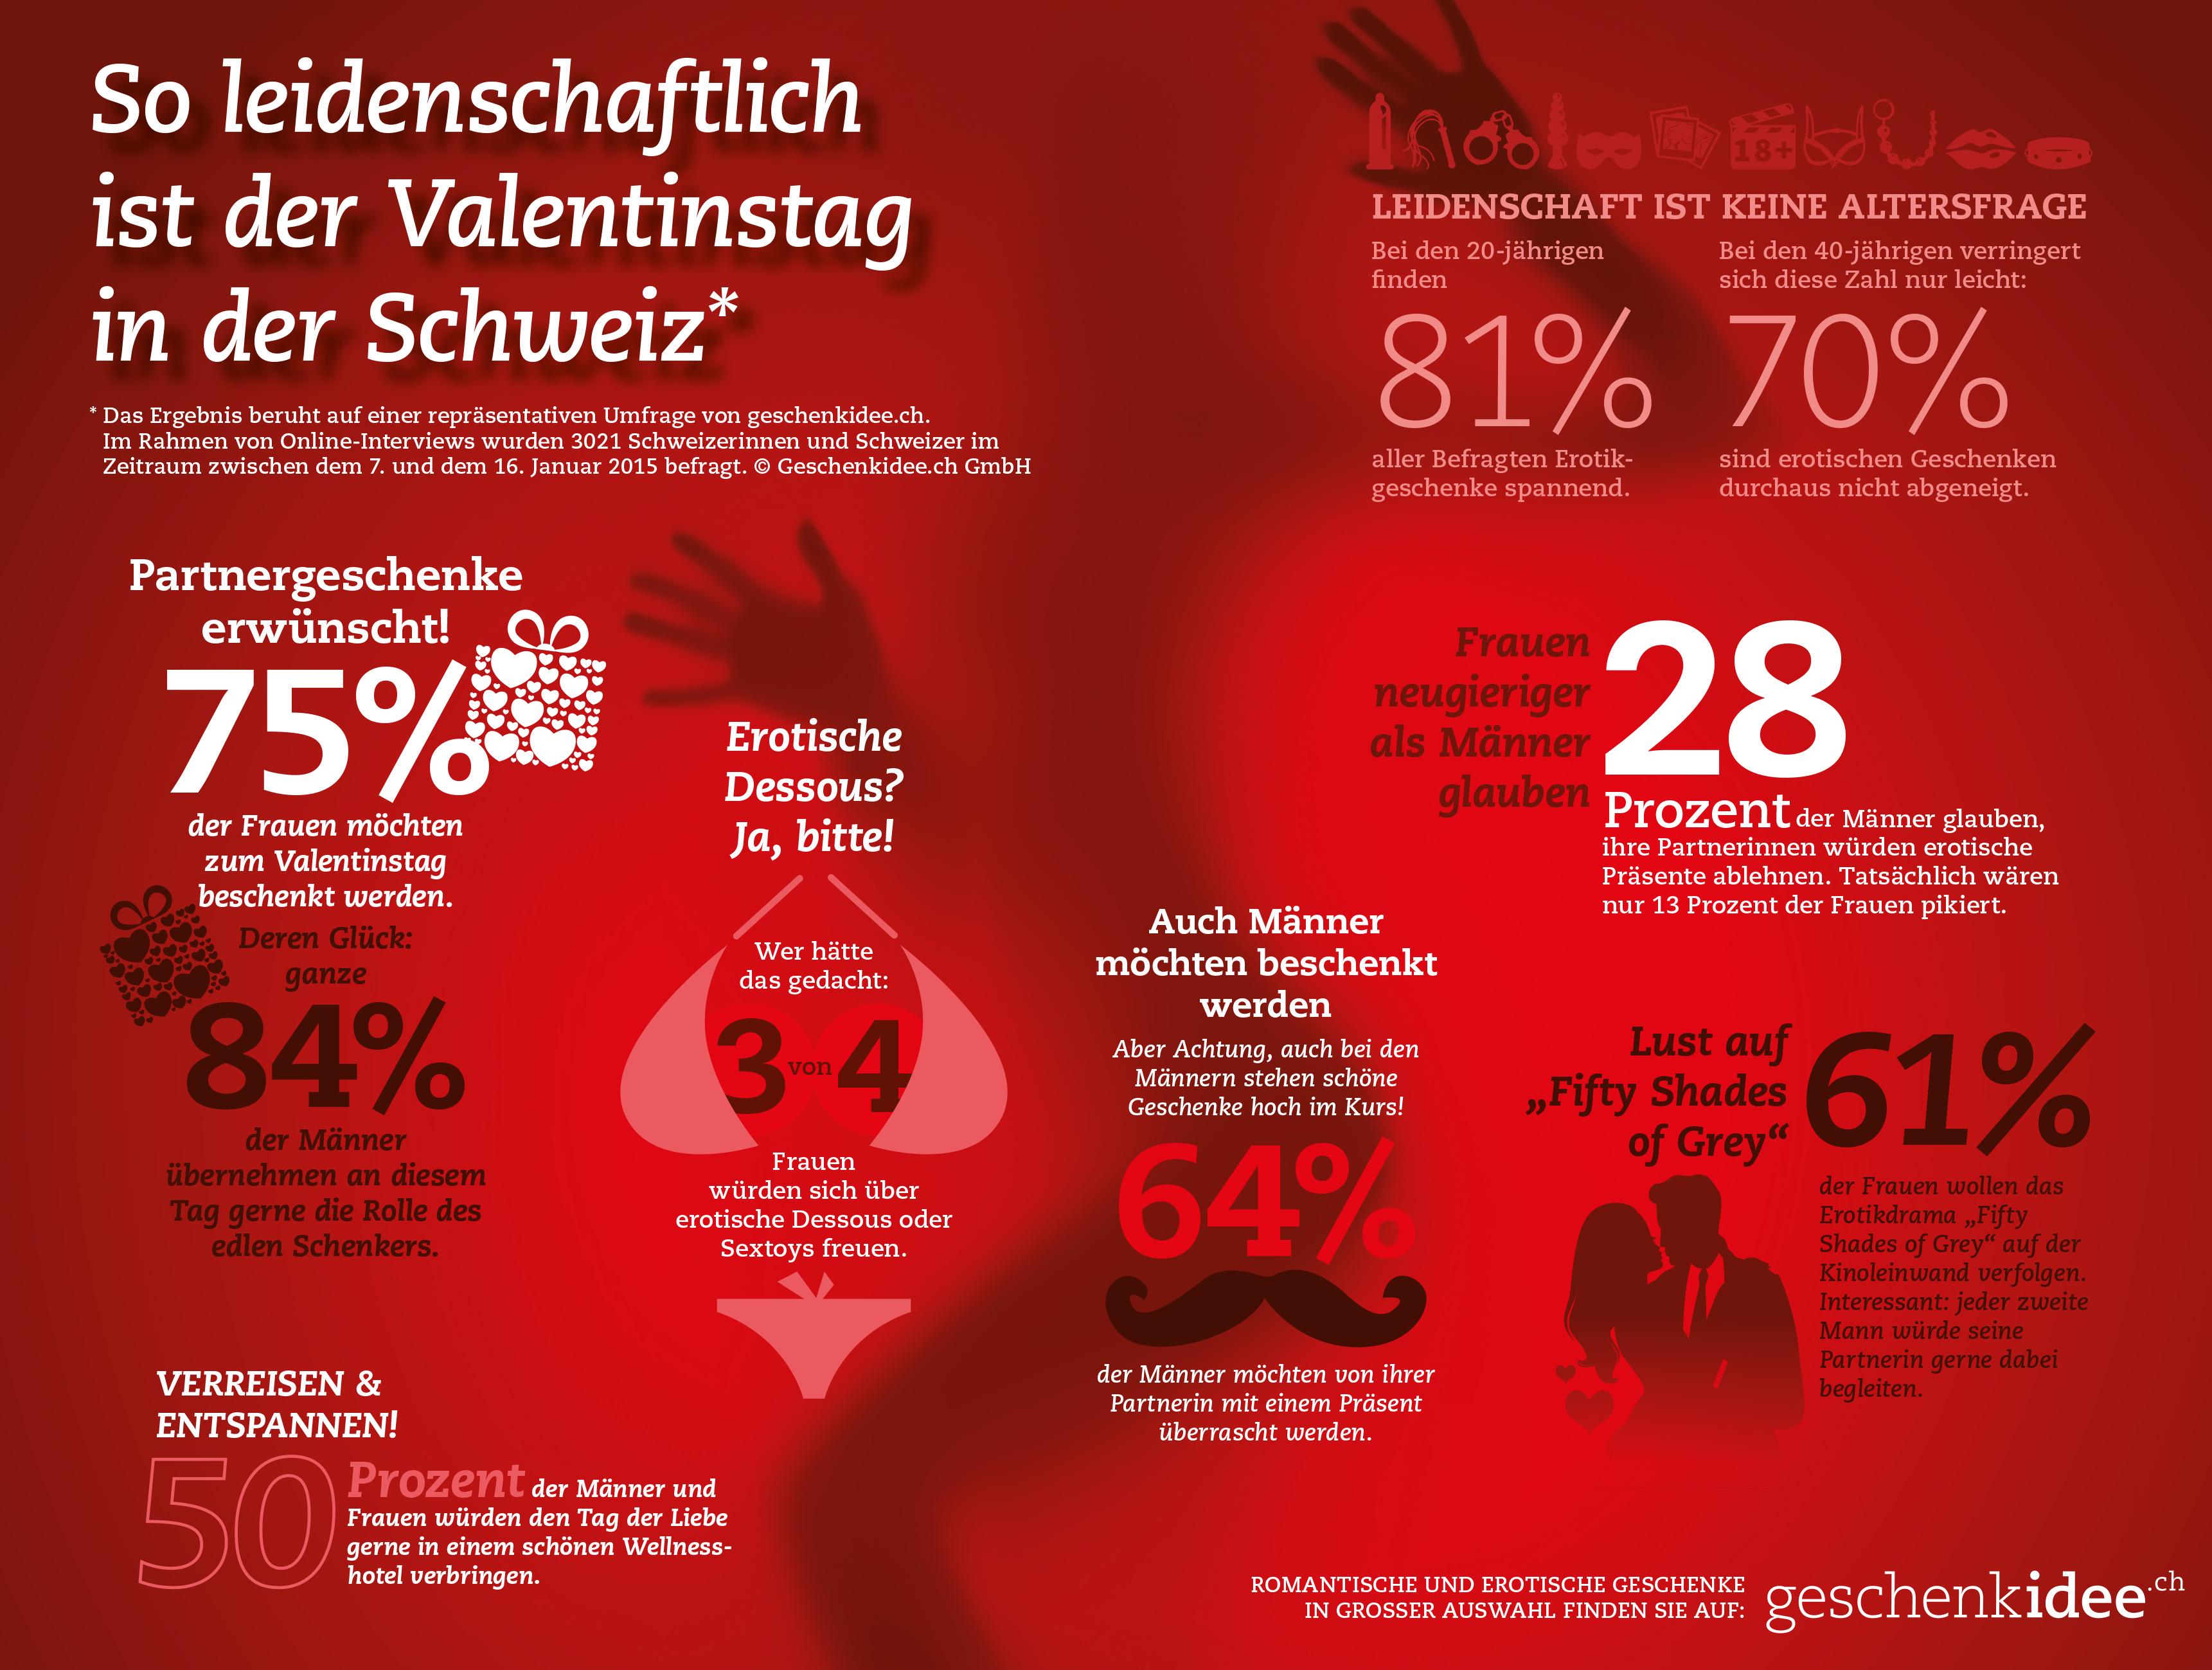 Infografik: So Leidenschaftlich Ist Der Valentinstag In Der Schweiz Das  Ergebnis Beruht Auf Einer Repräsentativen Umfrage Von Geschenkidee.ch.